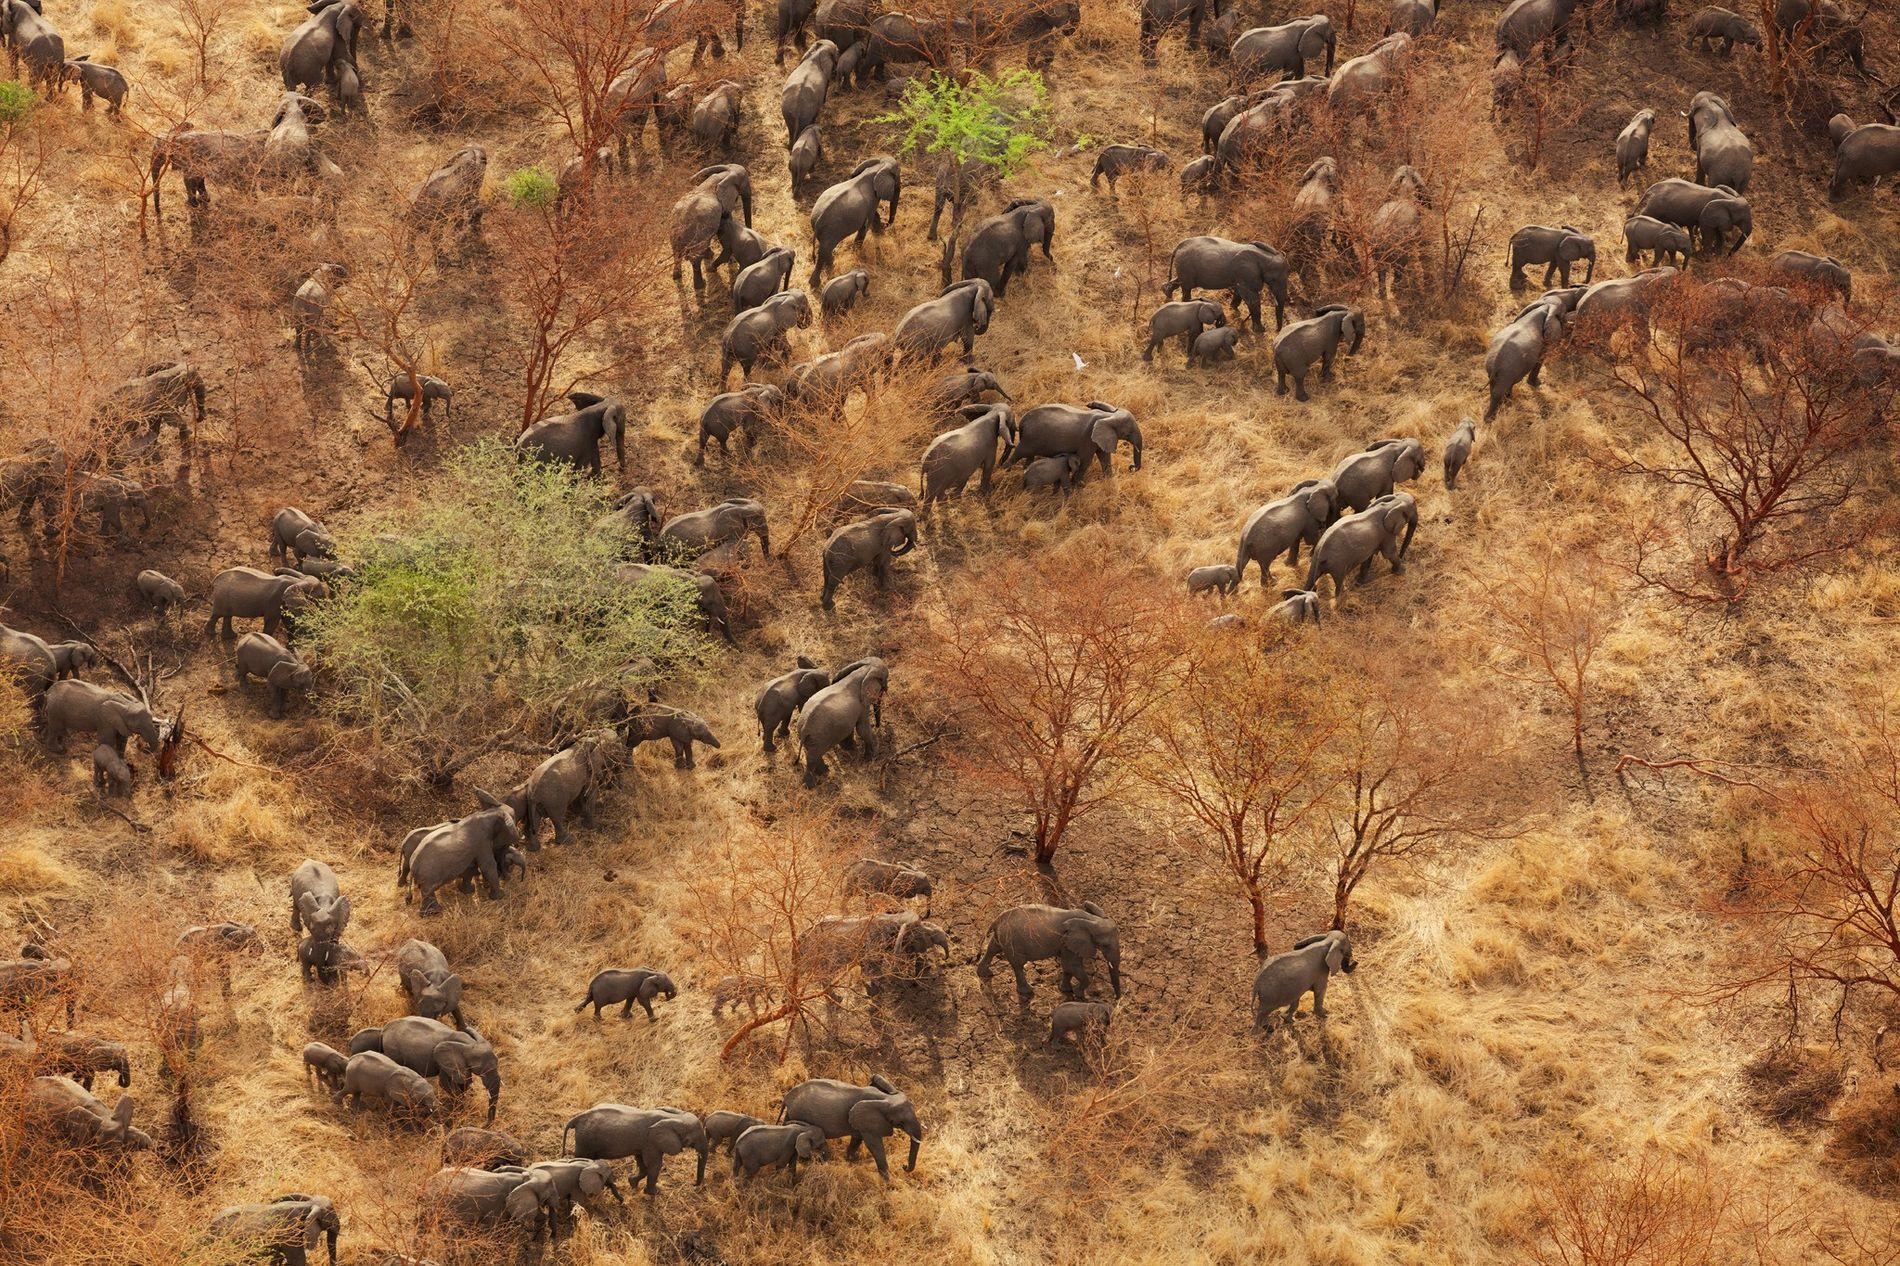 Parque nacional de Zakouma, Chad: Este parque, una región de pastizales y acacias en el sudeste ...